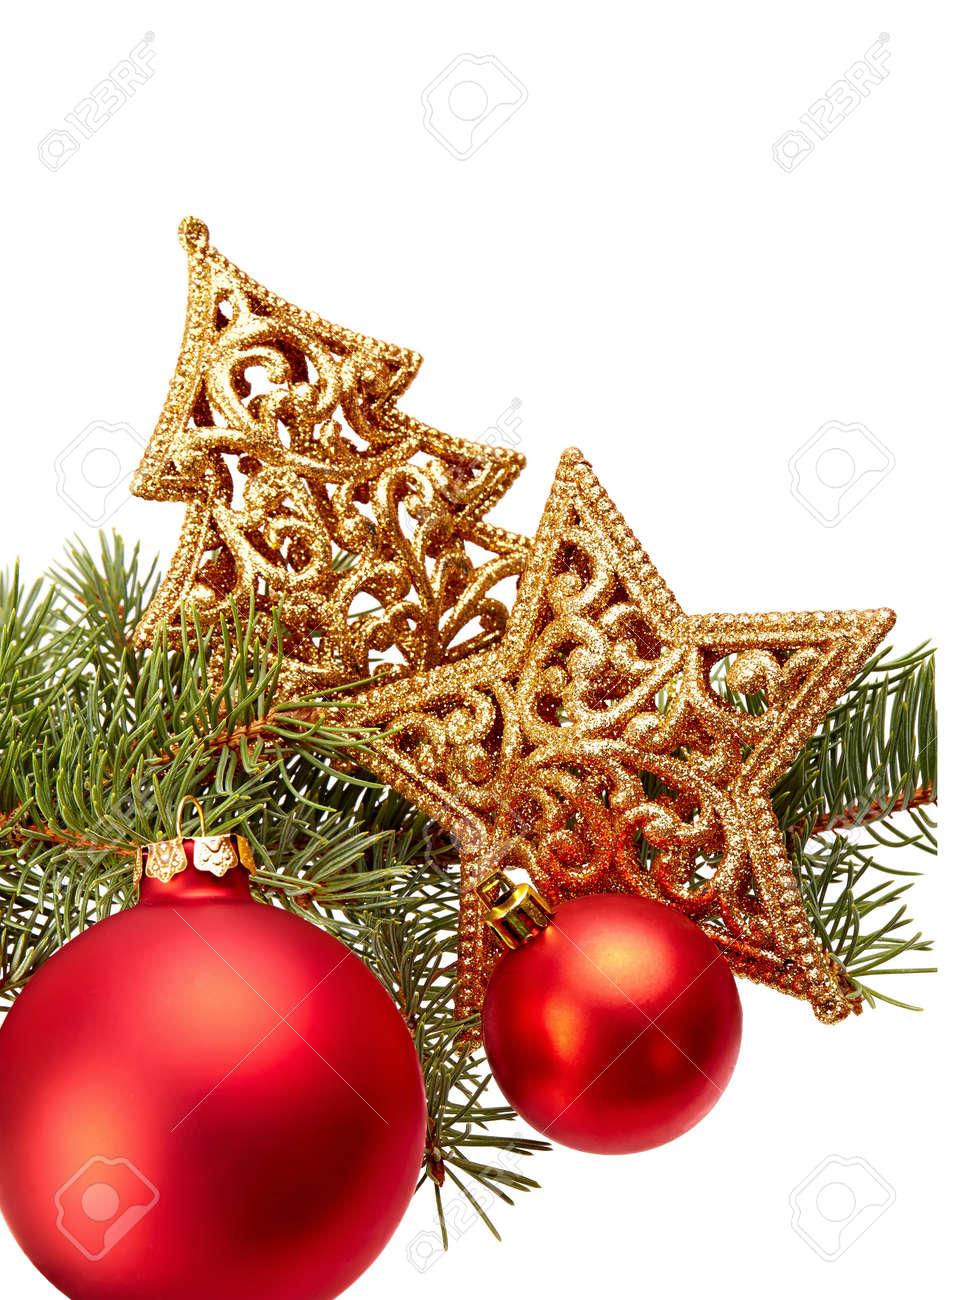 Décoration De Noël Branche De Sapin, Boule De Noël, étoile D'or